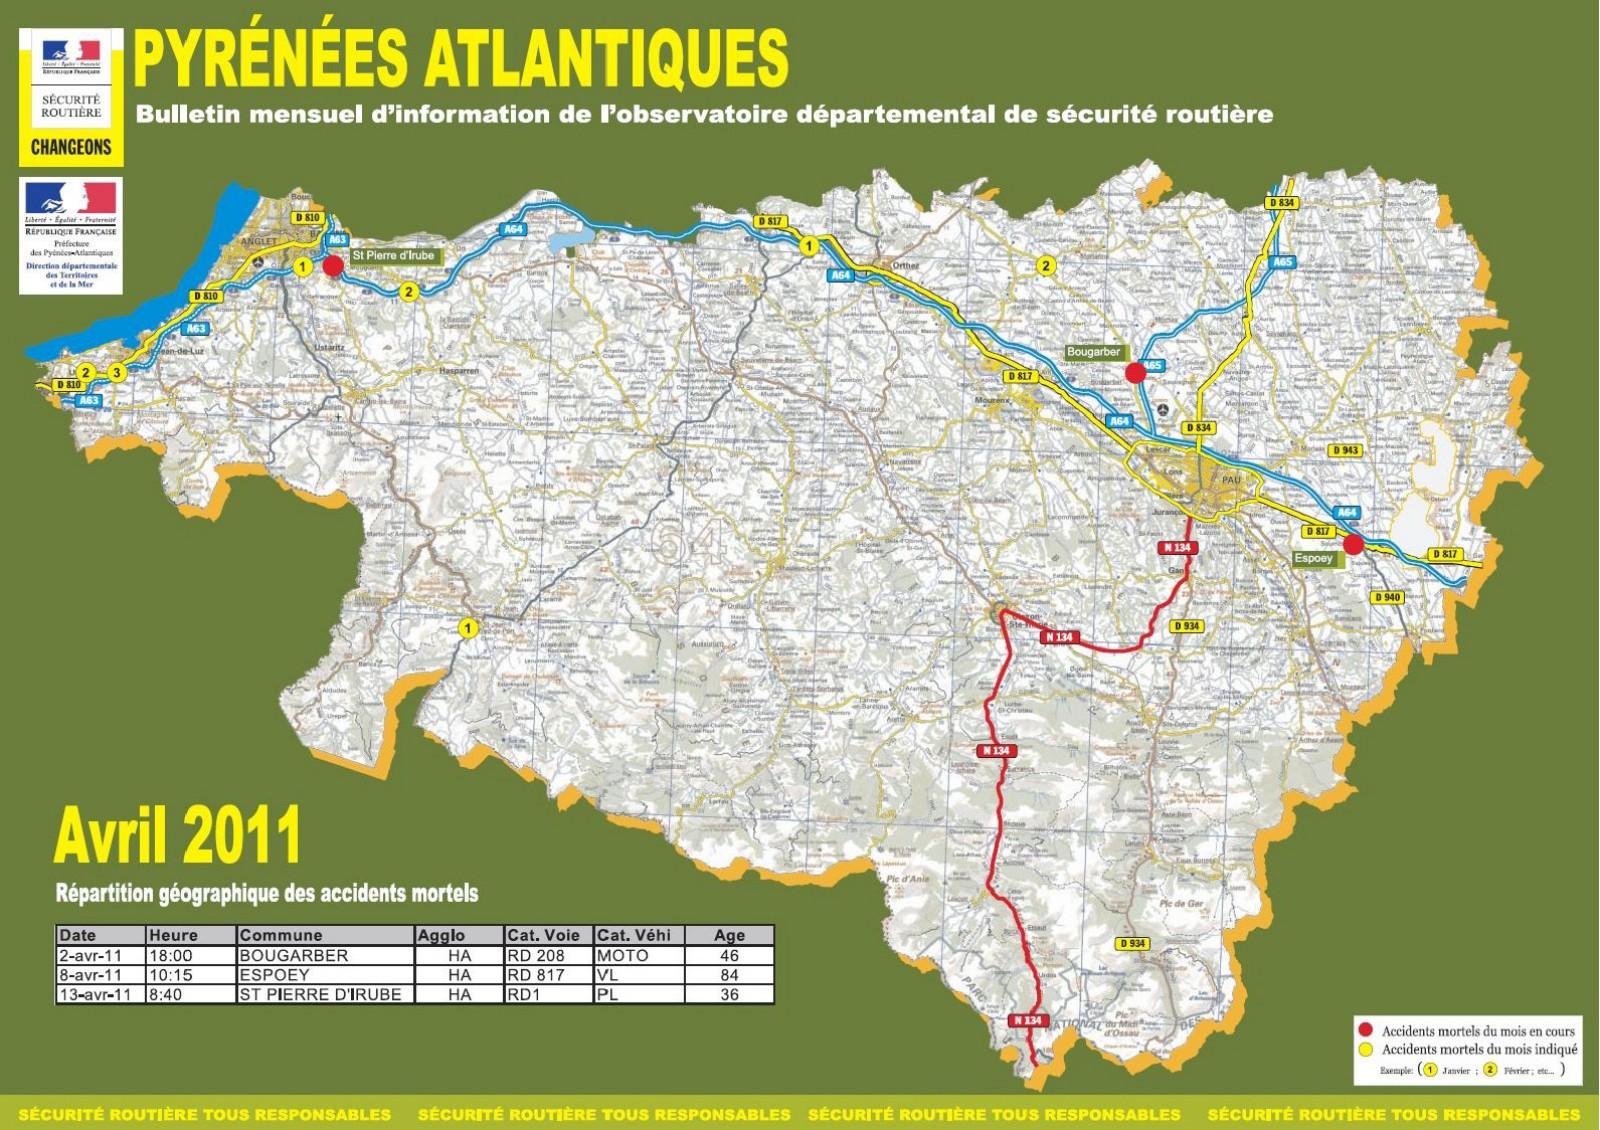 Accidentologie Pyrénées-Atlantiques Avril 2011